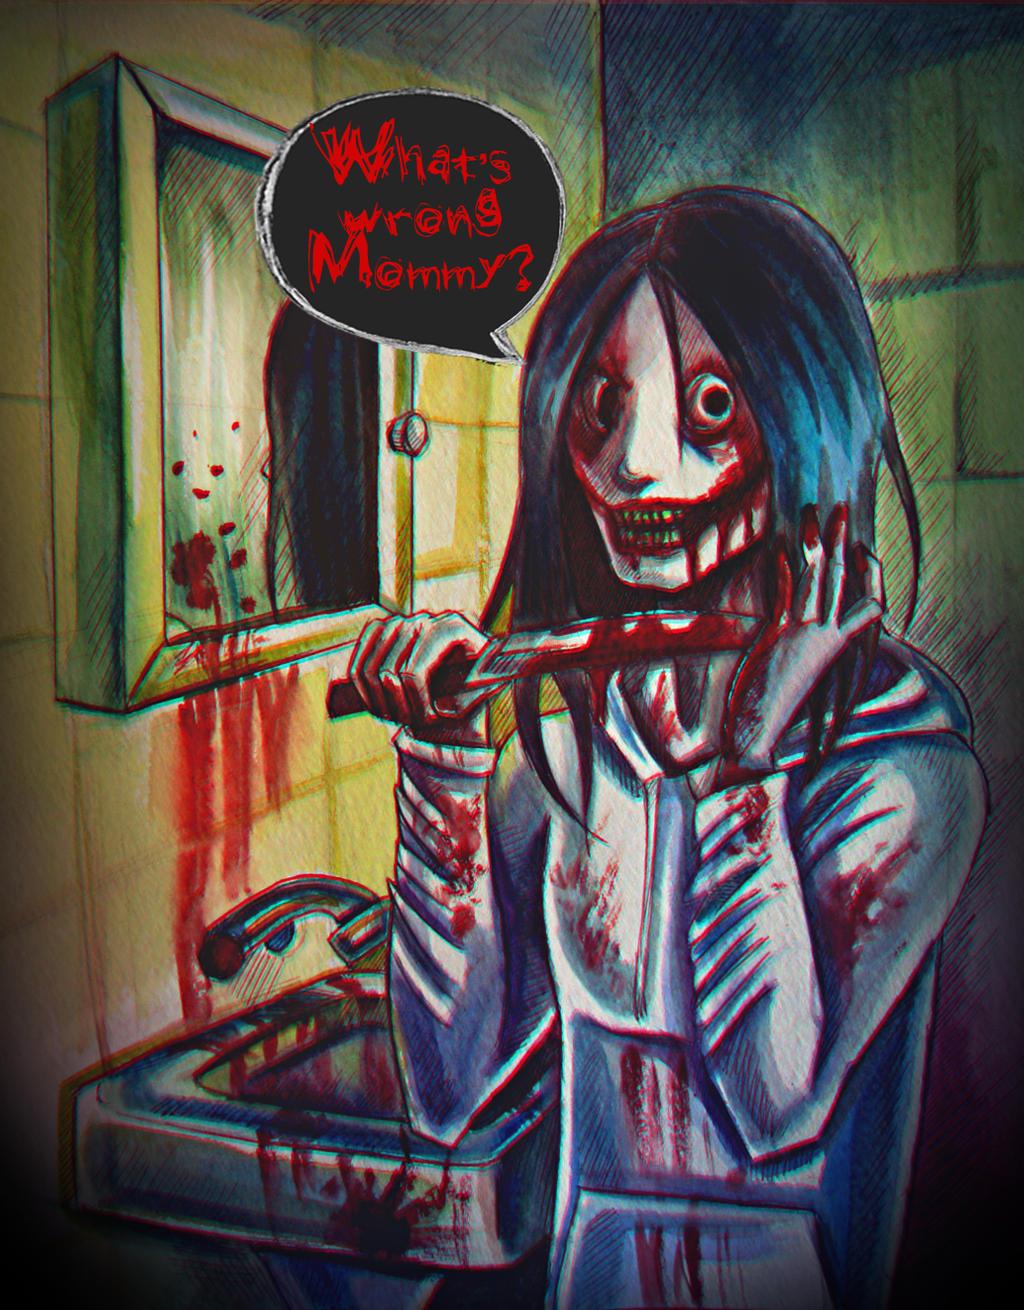 Jeff the killer by SheWasZombie